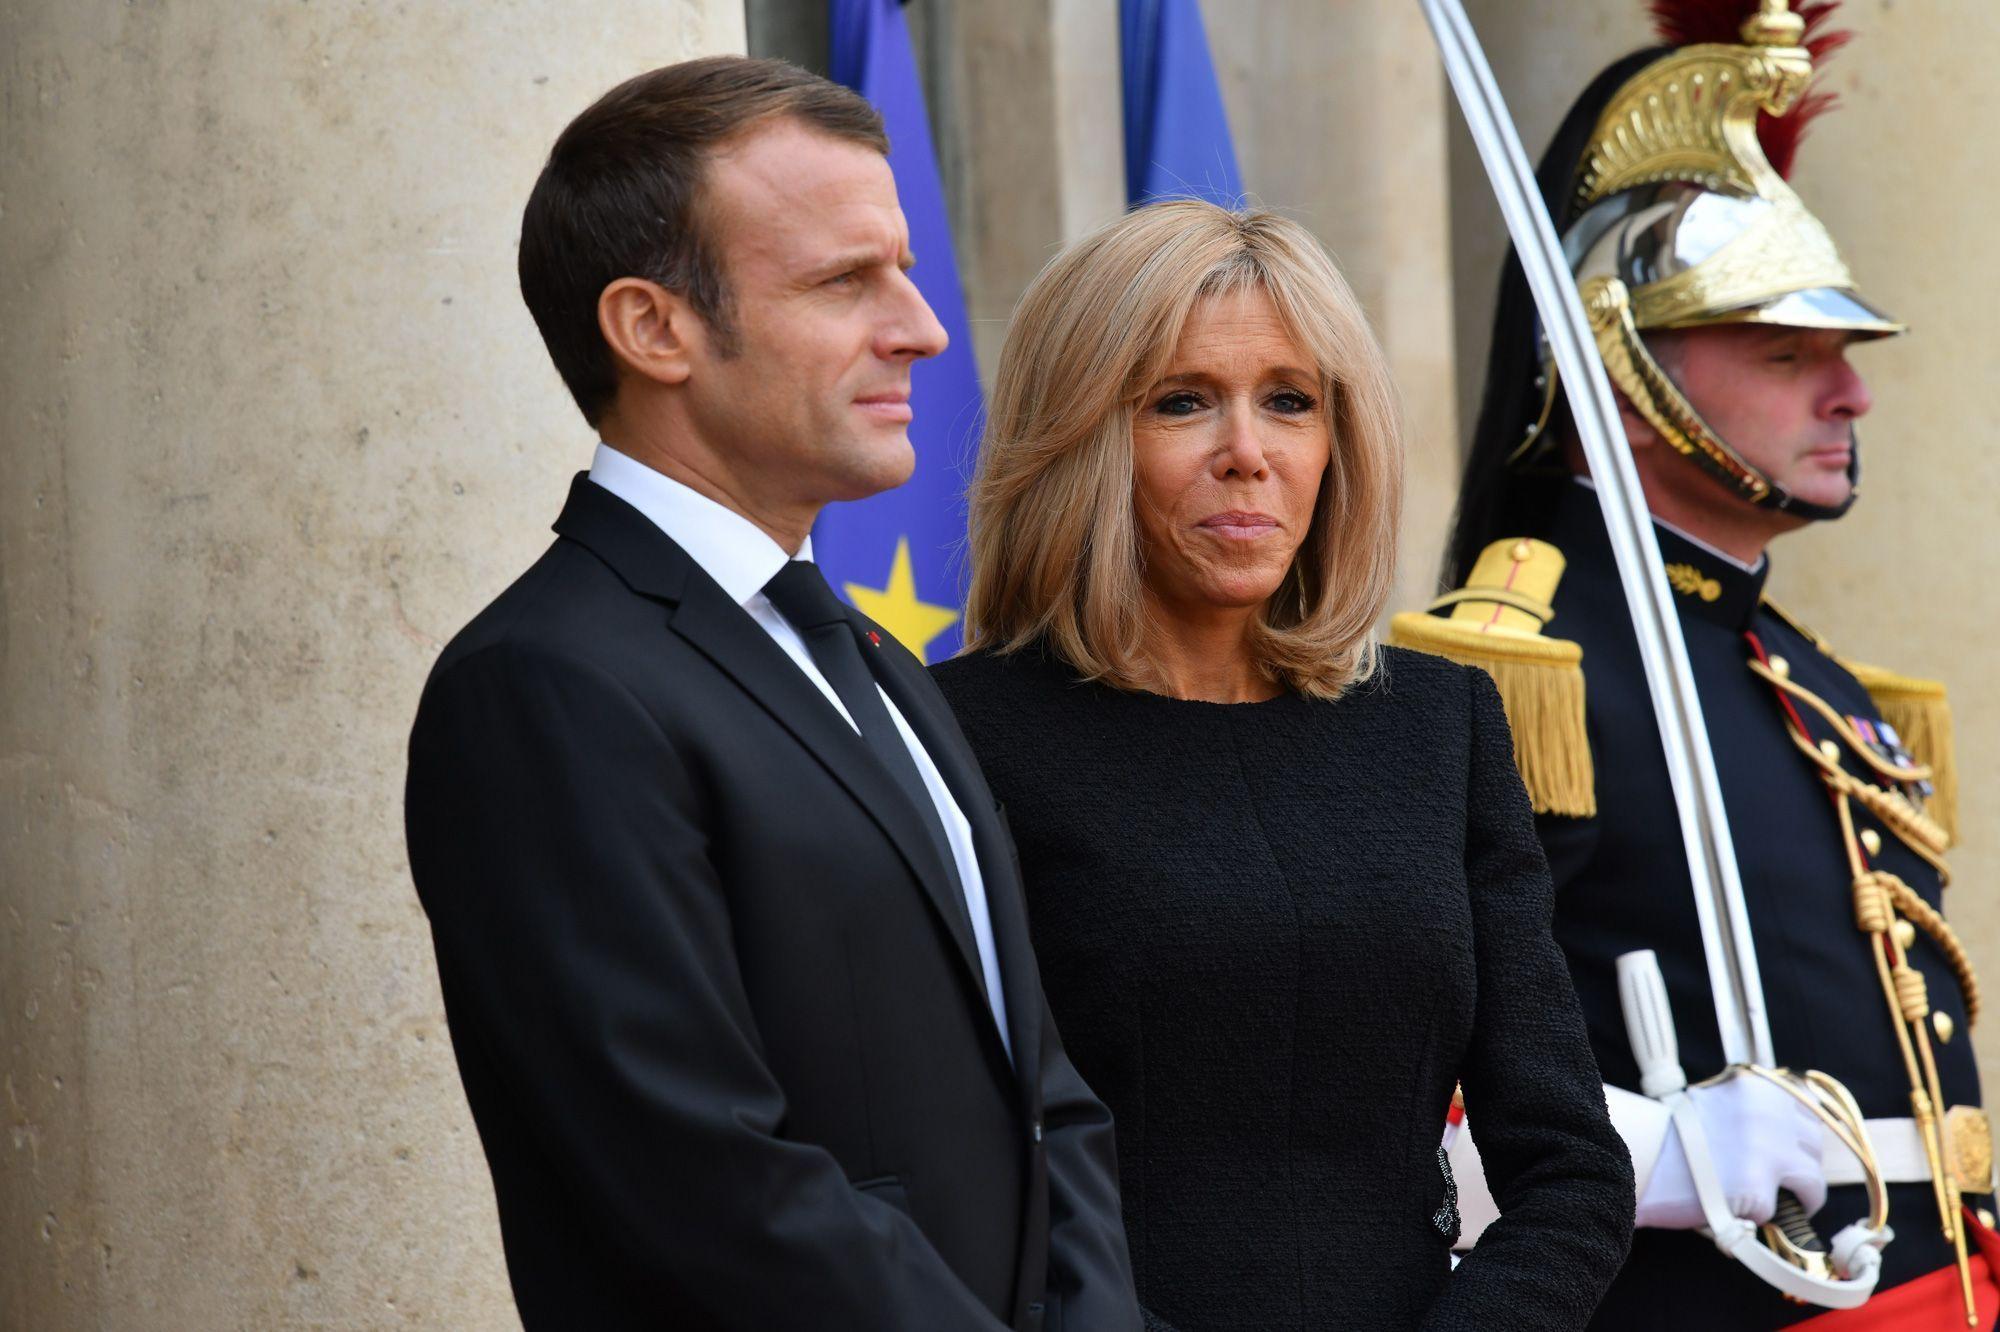 Brigitte et Emmanuel Macron qu'ontils fait le soir du